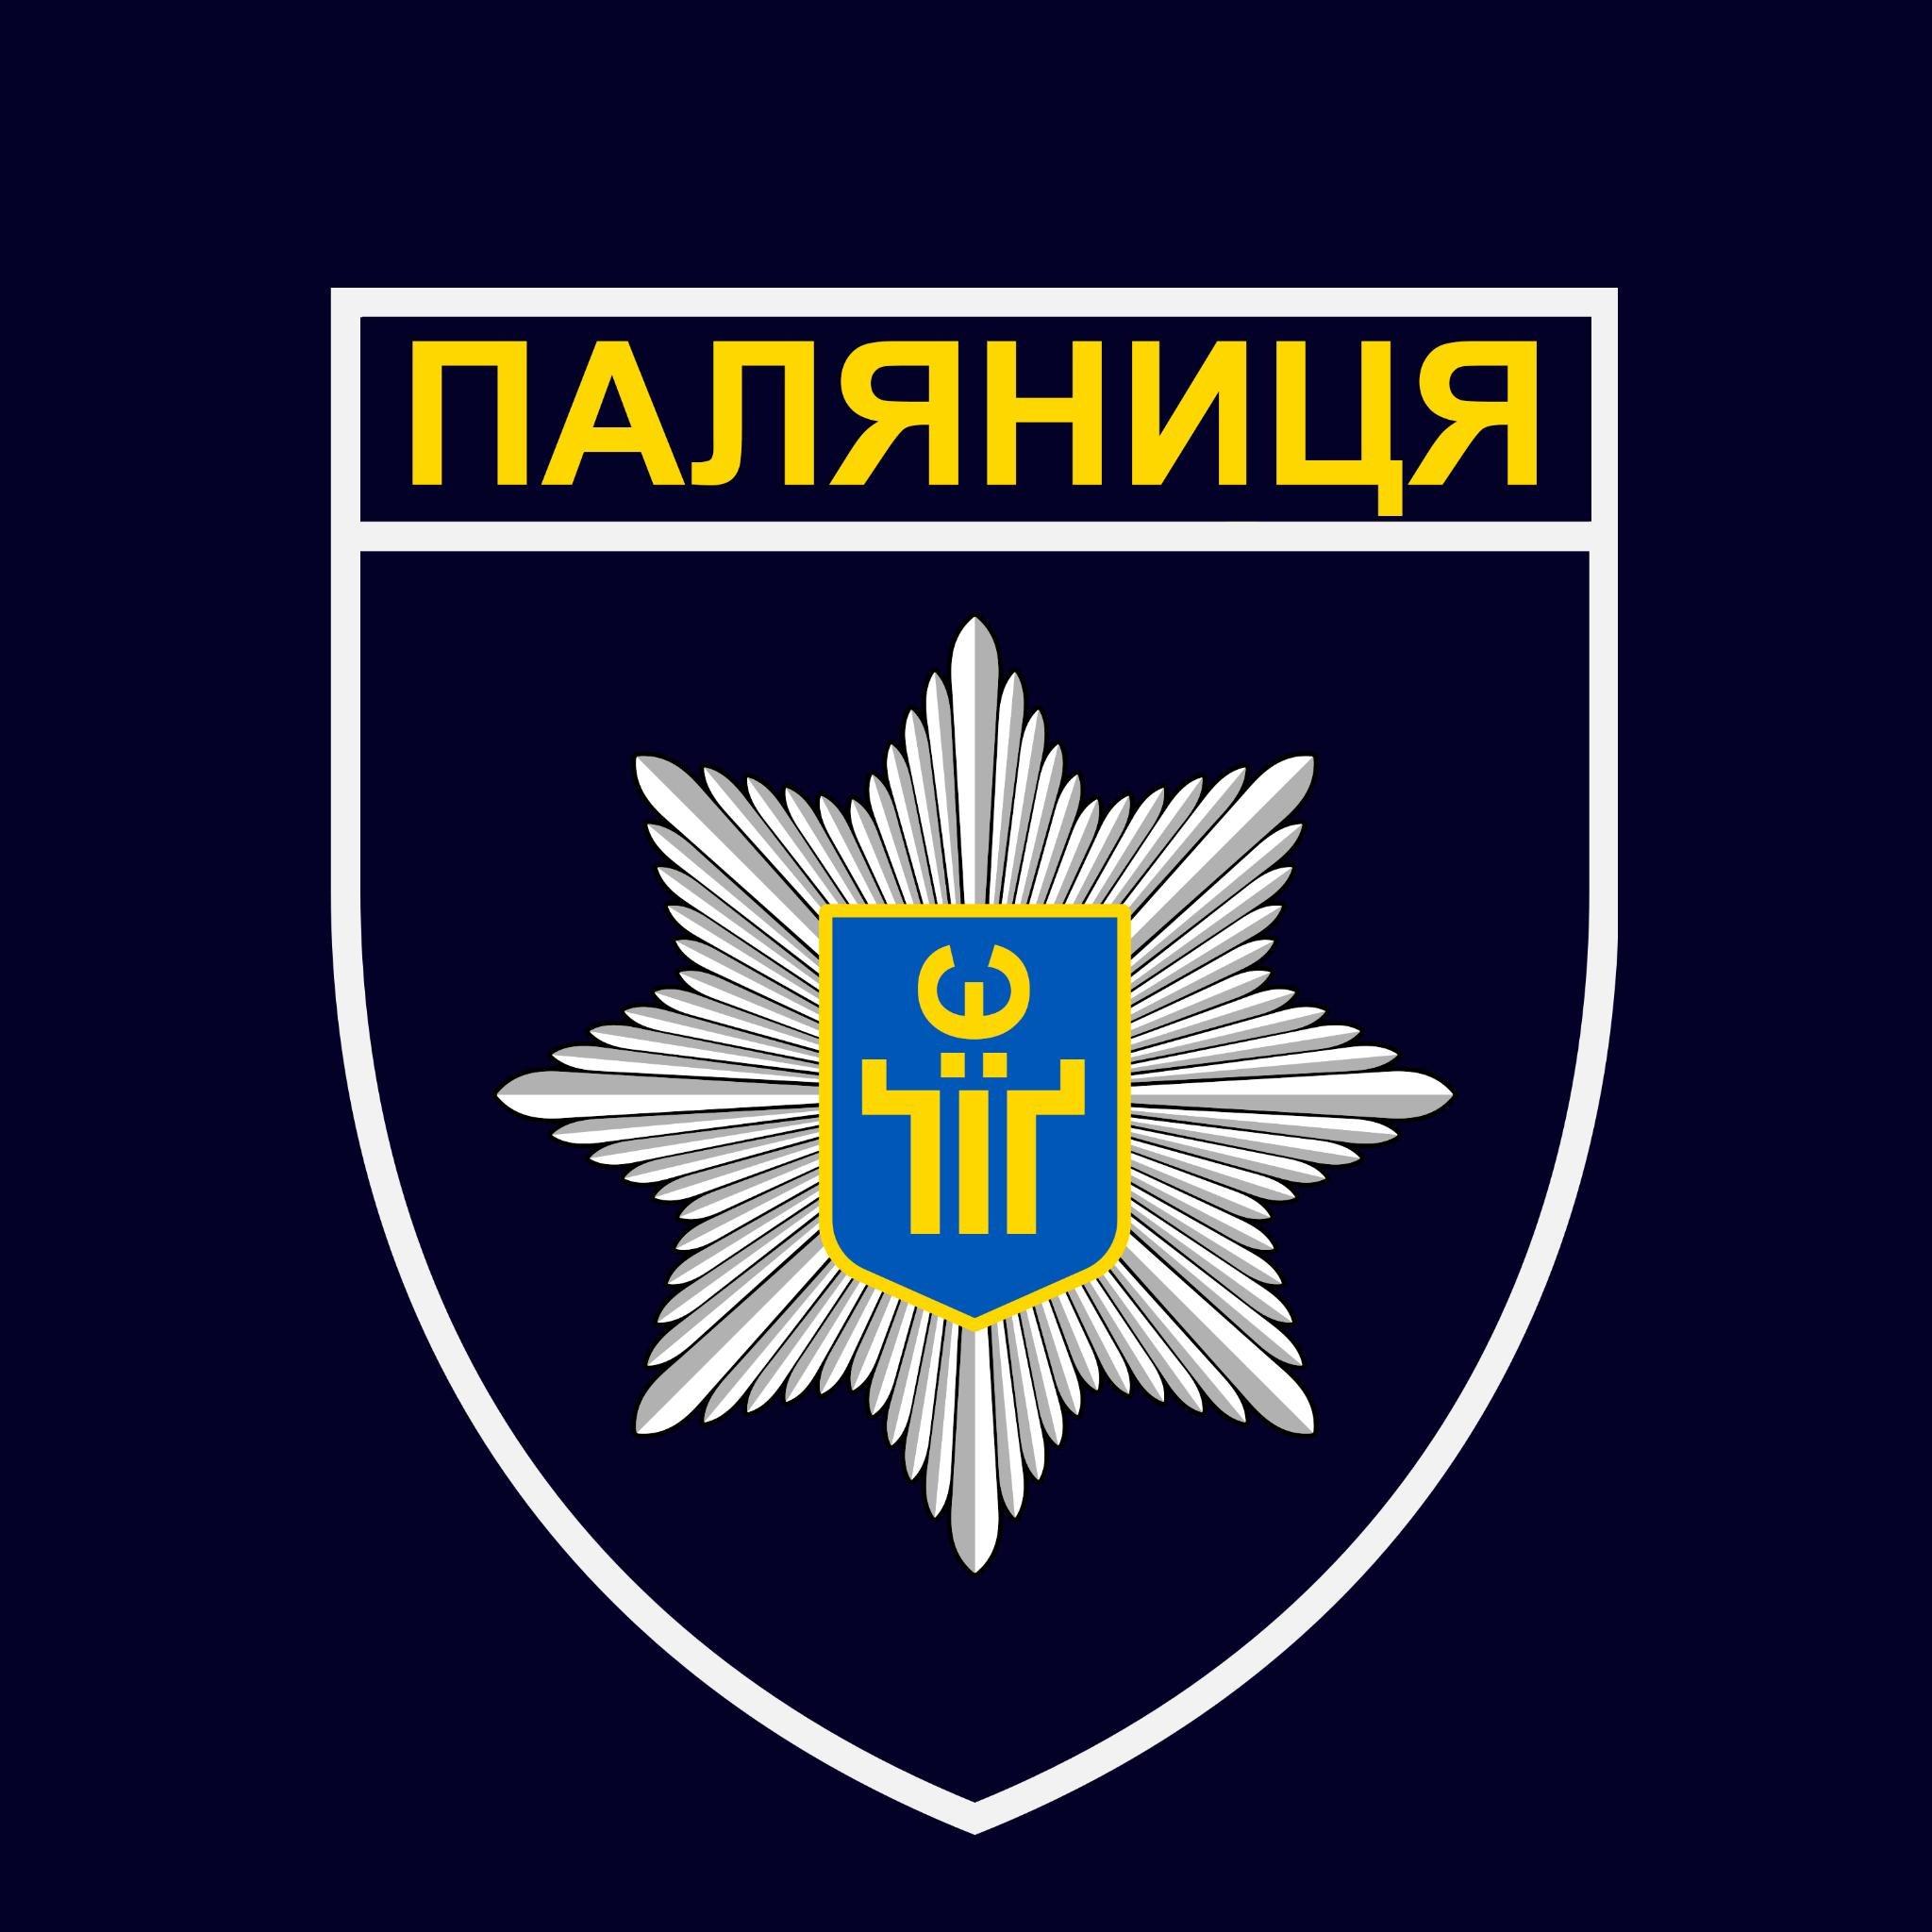 Із 16 січня вся реклама в Україні має бути державною мовою, - Нацрада з ТРМ - Цензор.НЕТ 9696